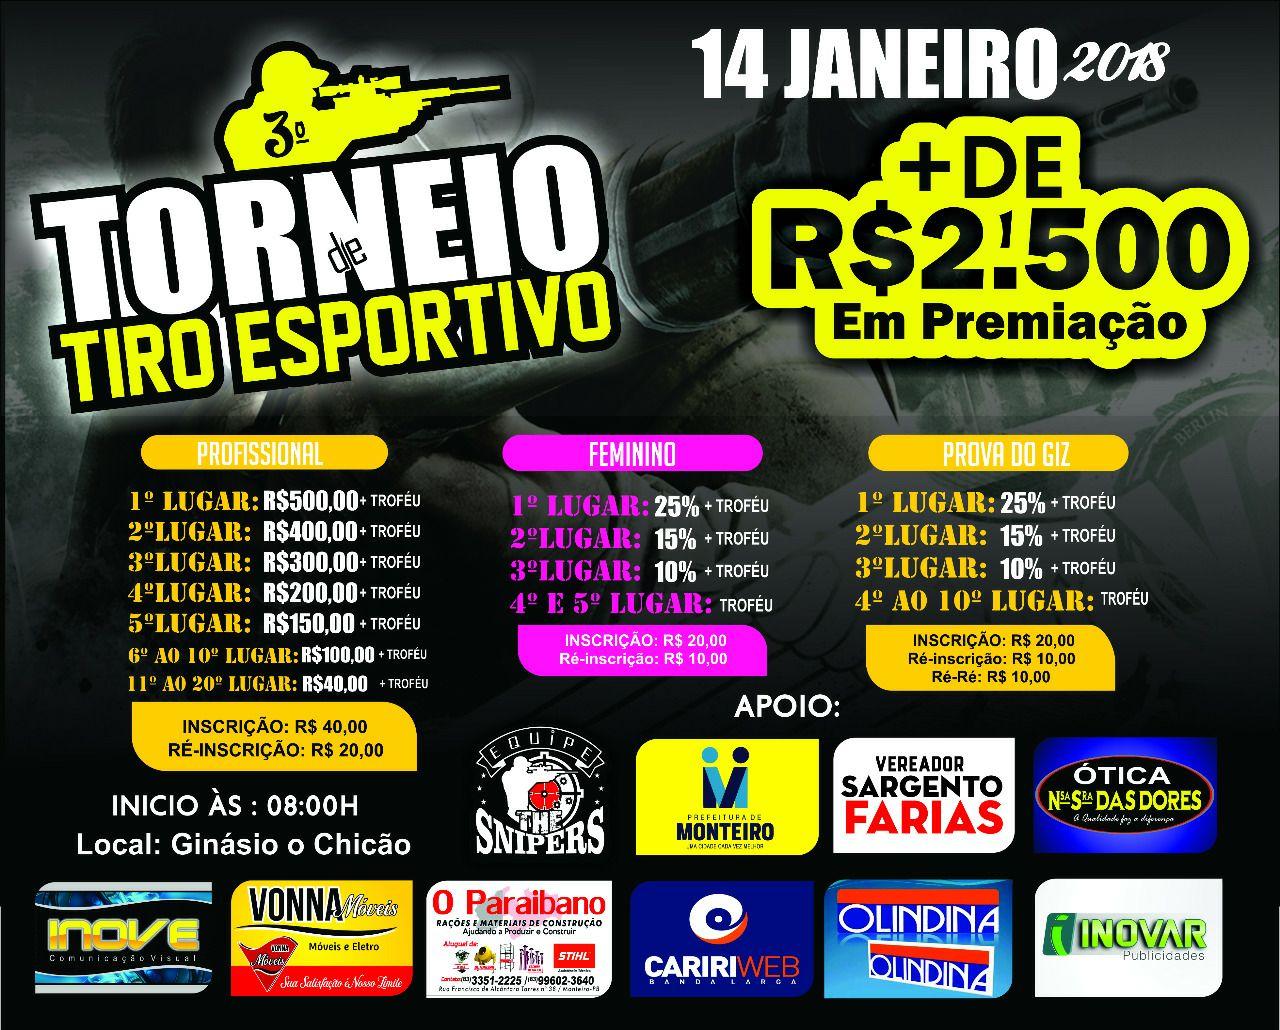 TORNEIO-DE-TIRO-ESPORTIVO-1024x824 Monteirense é 1º Lugar em Bolão de Tiro Esportivo Carabina de Pressão em São José do Egito